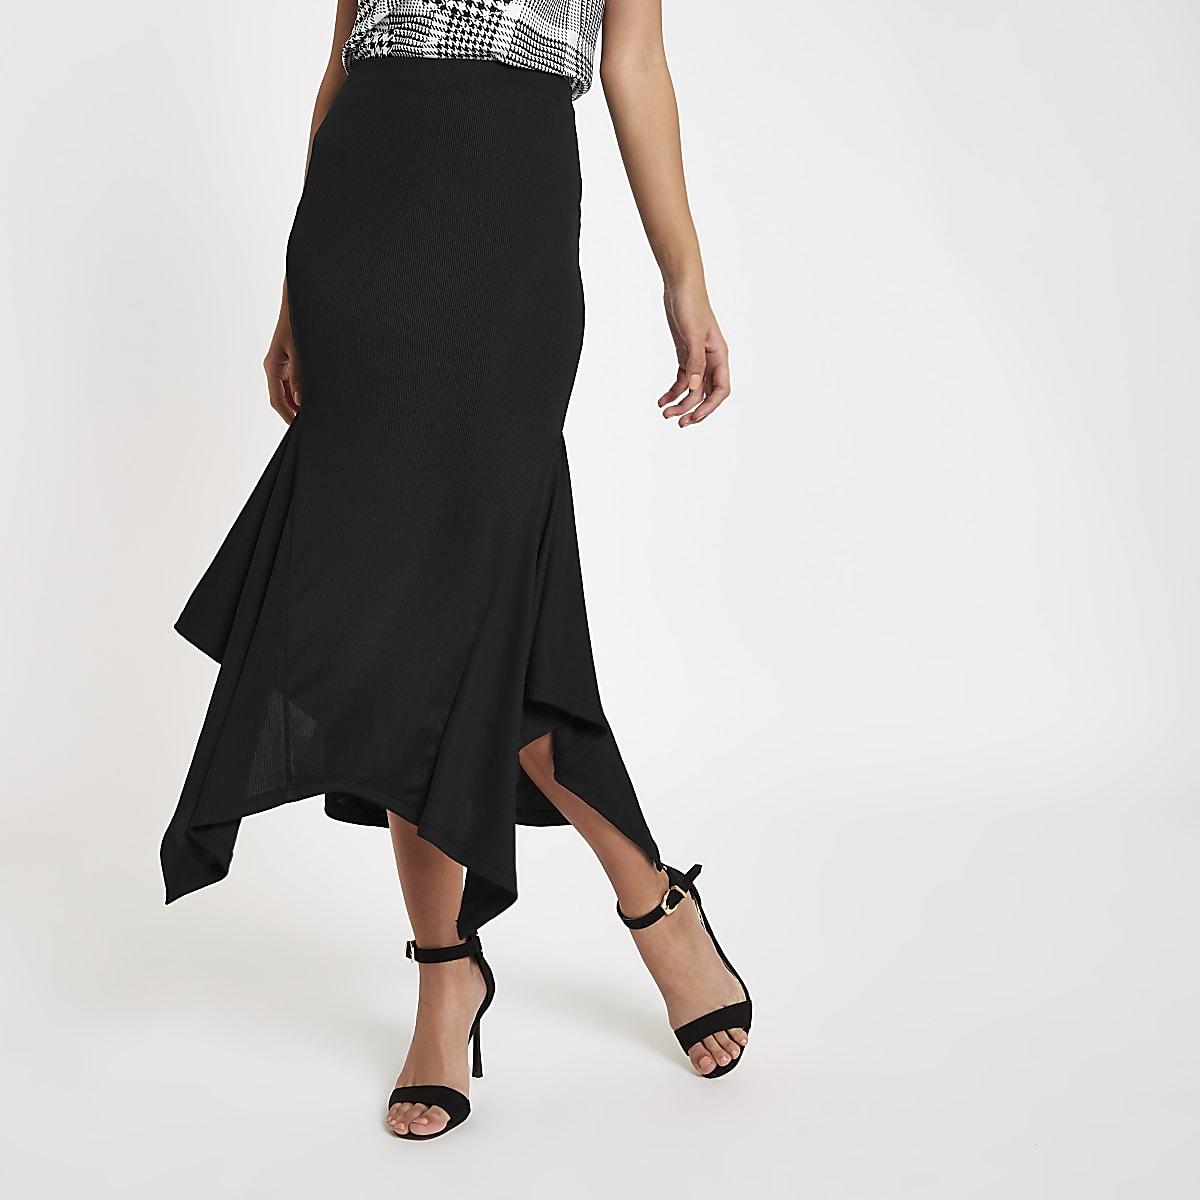 Jupe mi-longue noire côtelée évasée sur les côtés